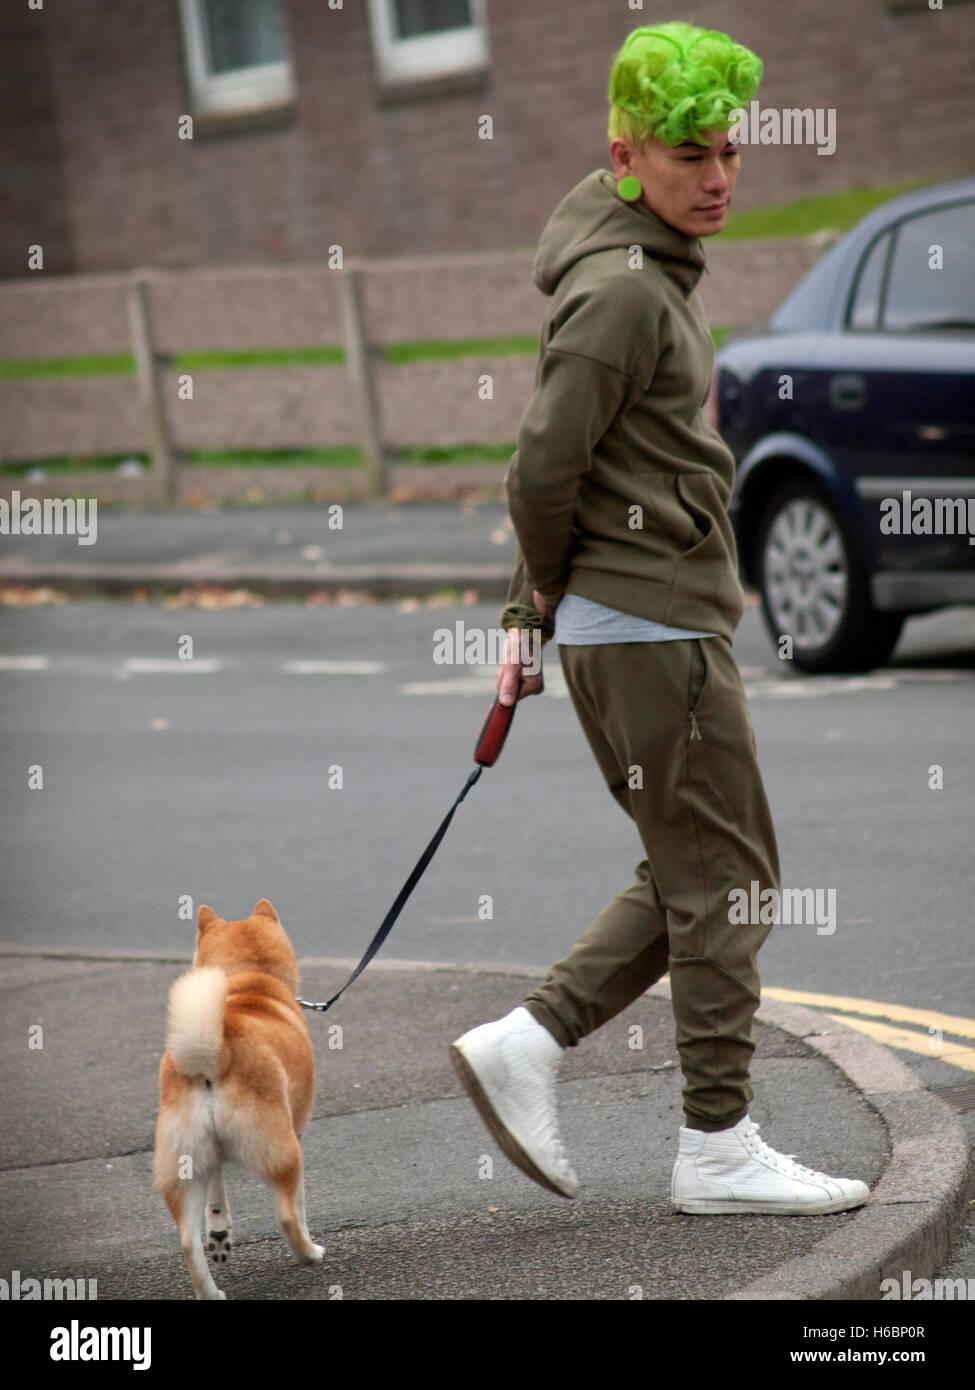 In Brighton un uomo con i capelli verdi prende il suo cane per una passeggiata Foto Stock